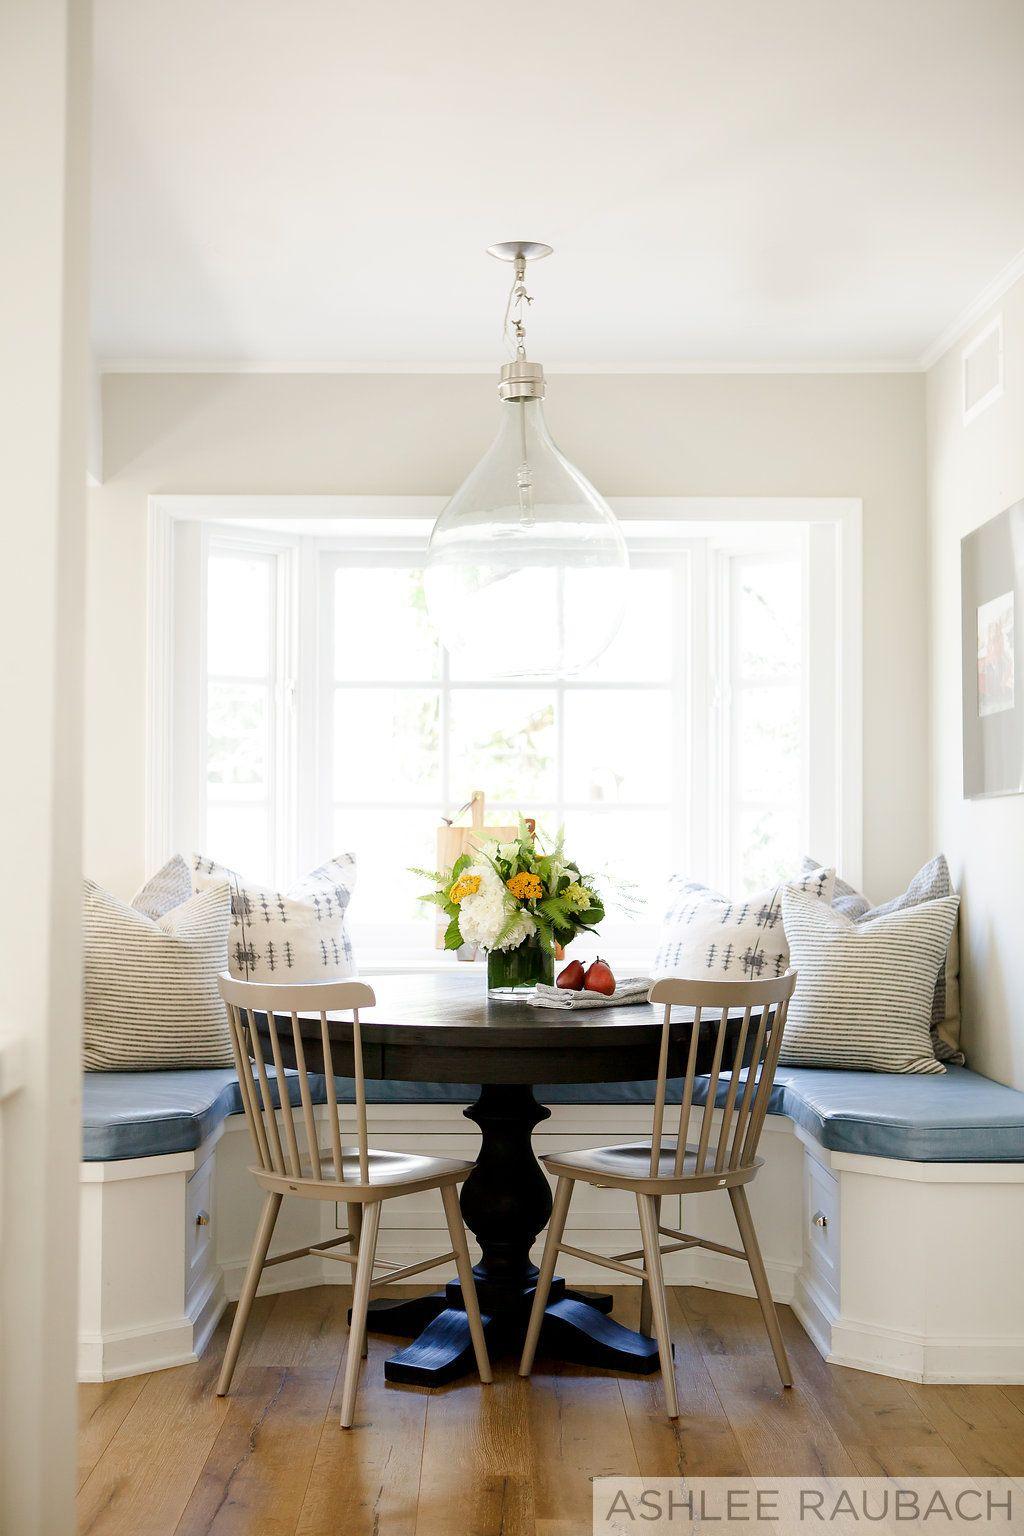 Kitchen Dining Interior Design: Kitchen + Breakfast Nook + Interior Design